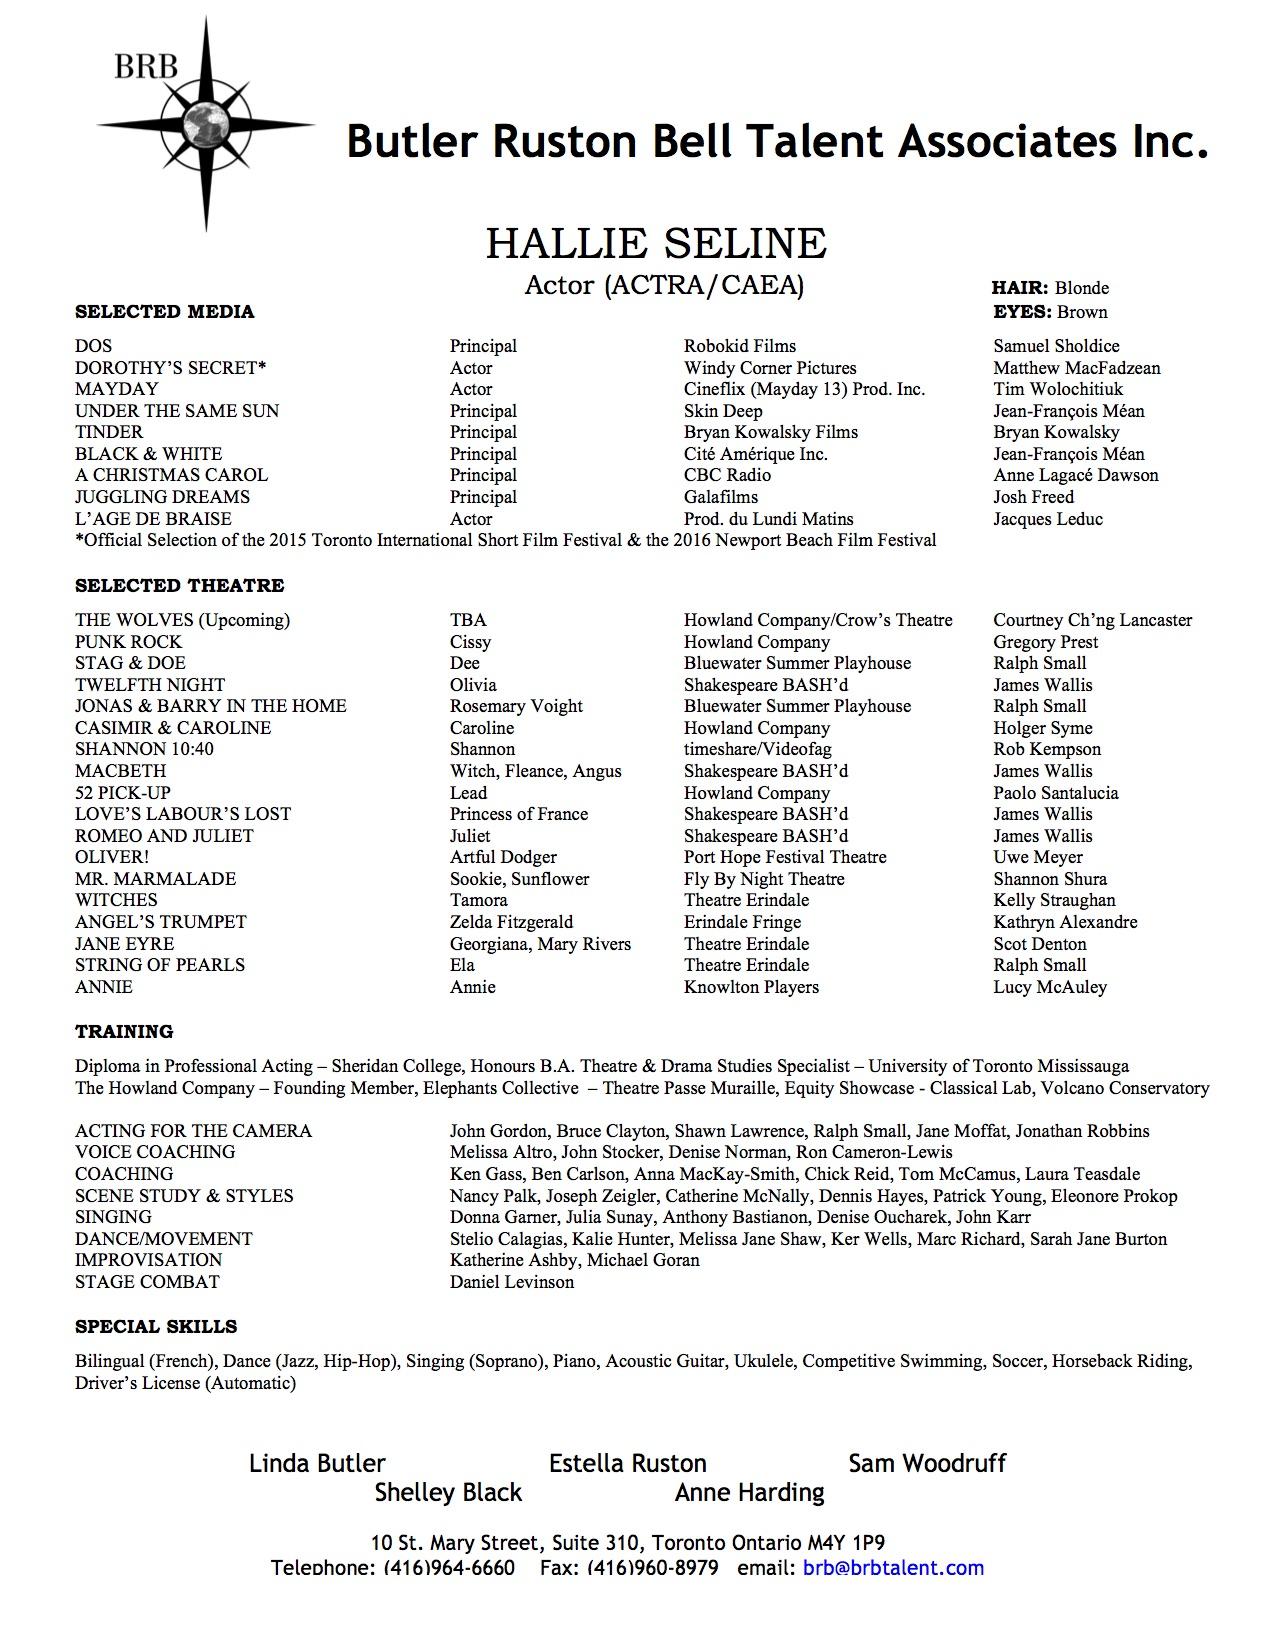 Resume – Hallie Seline